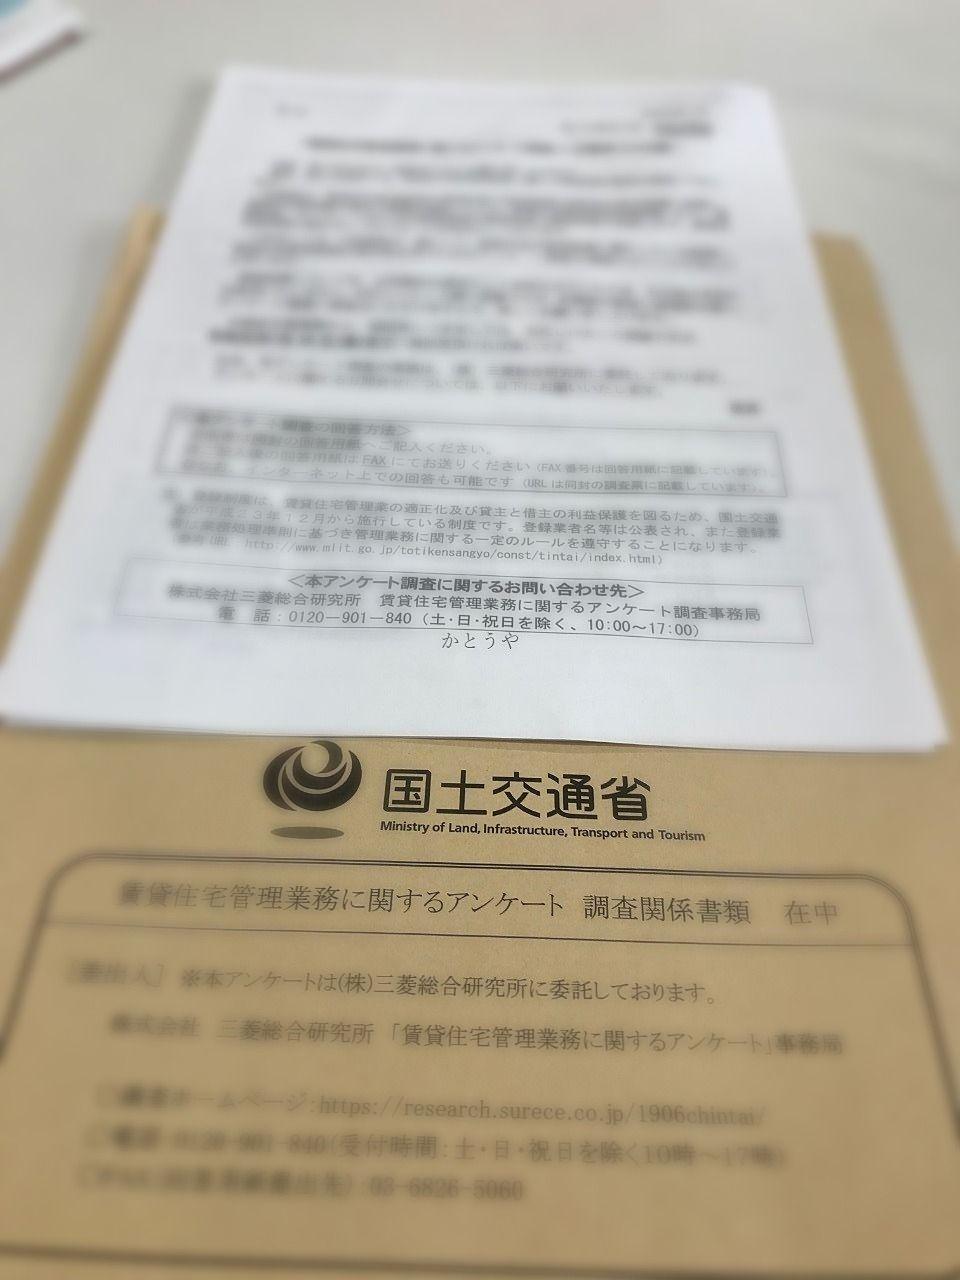 国土交通省からきた、賃貸管理業務に関するアンケートです。